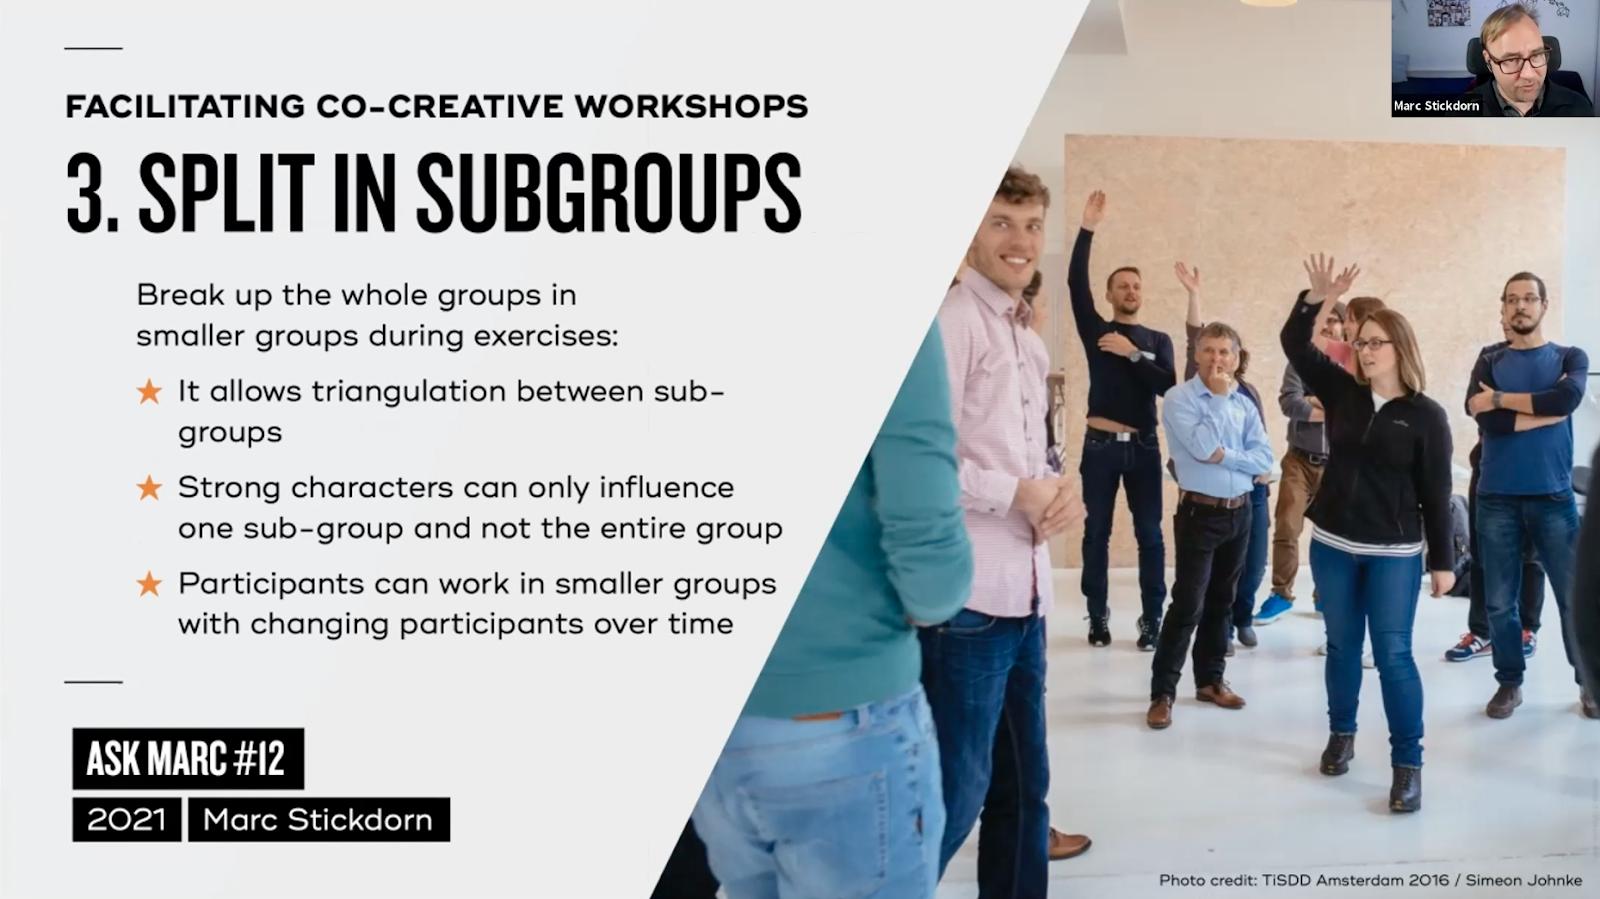 Tip 3: split in subgroups